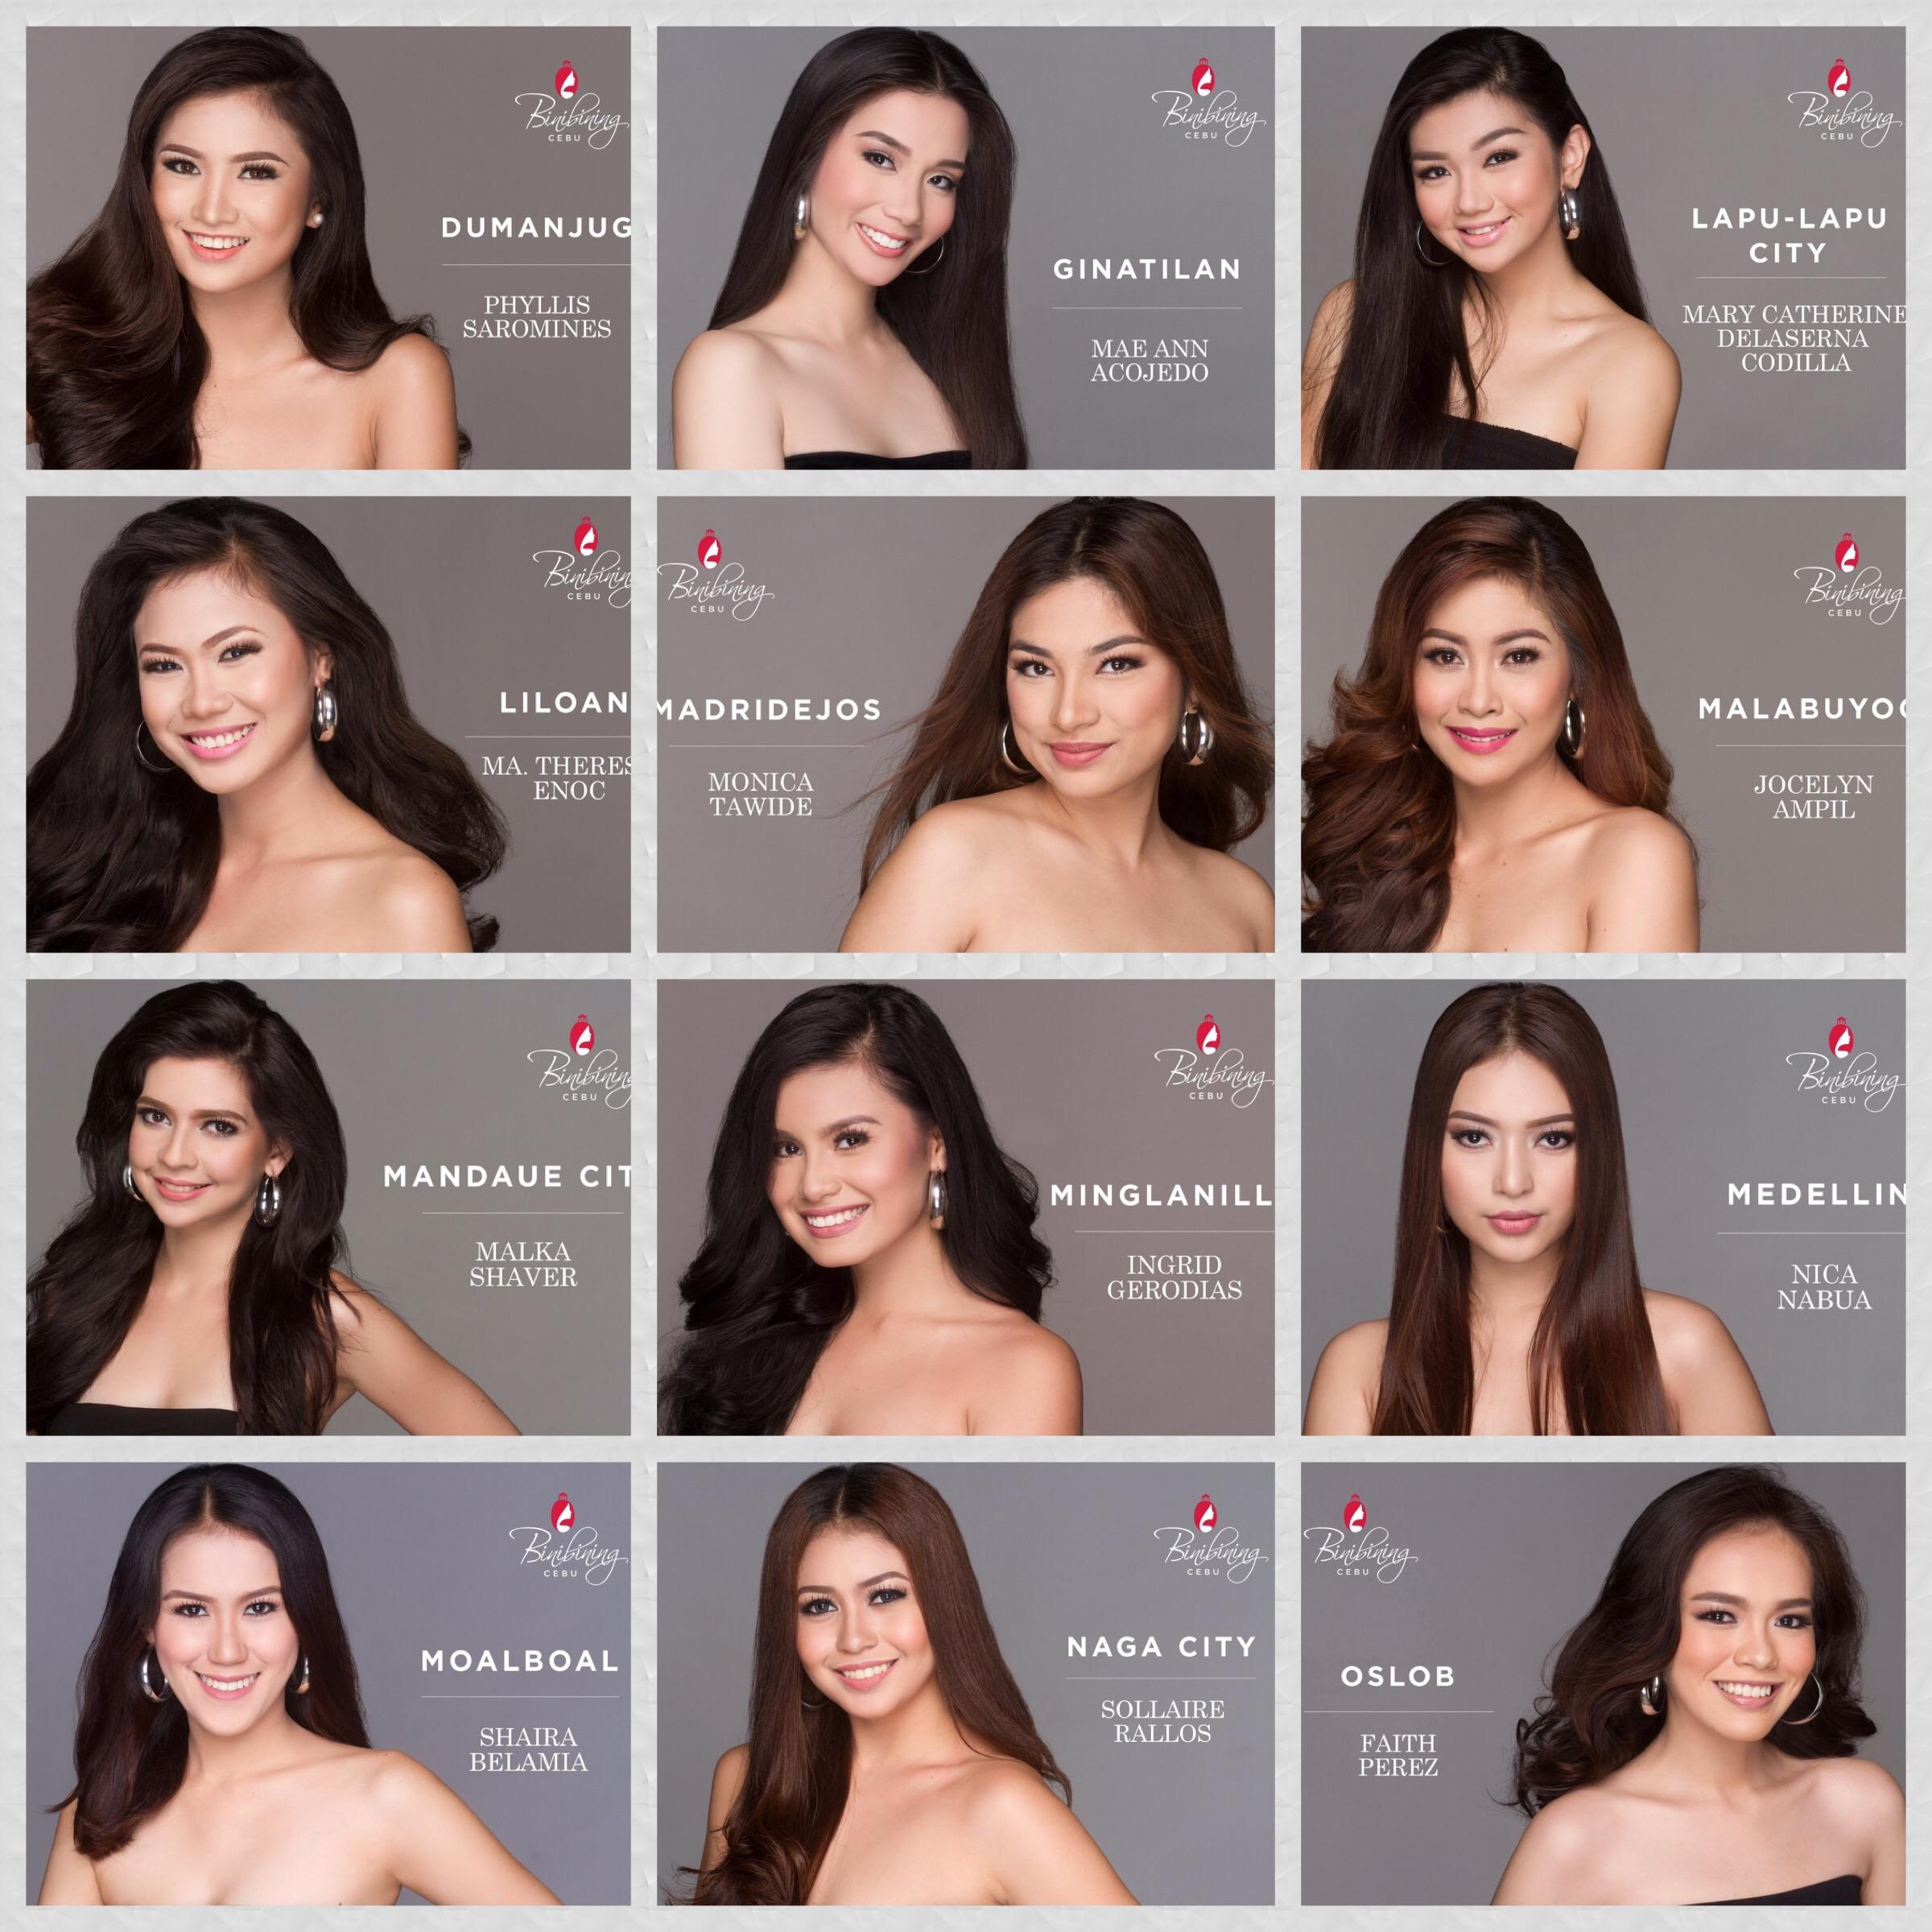 Cebu Dating Cebu Girls Facebook Names List